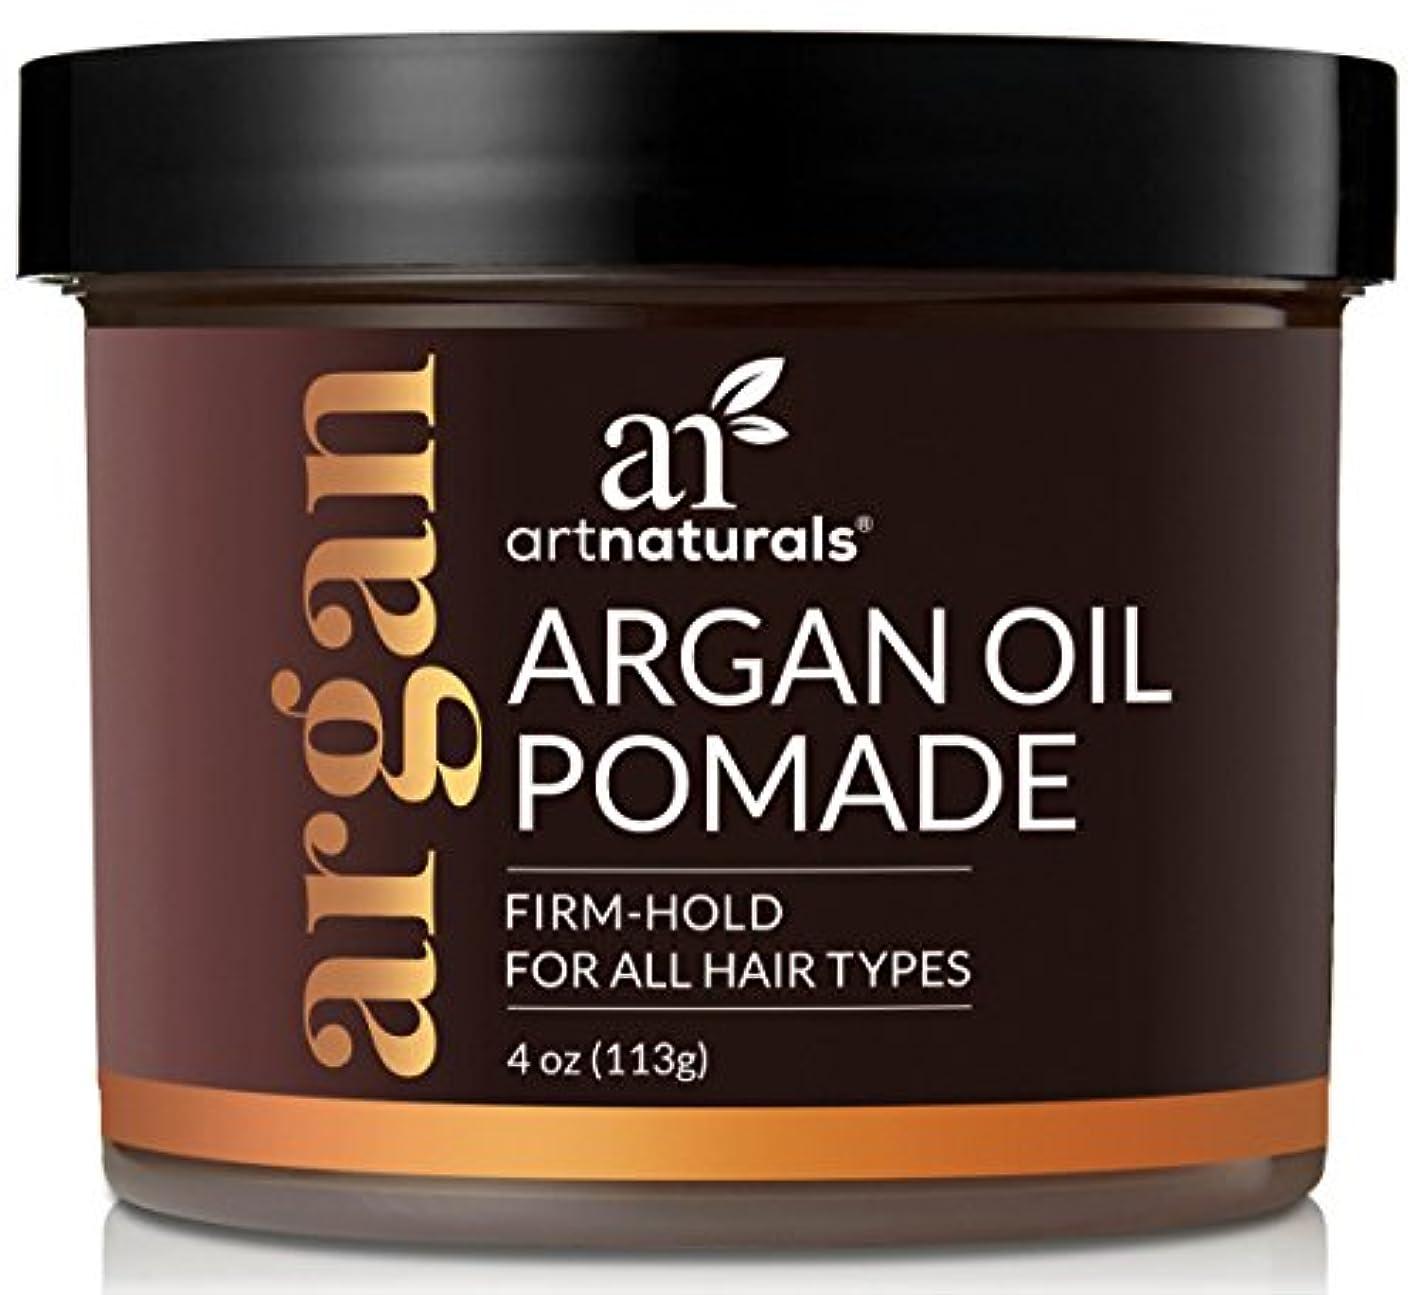 判定降臨岩ArtNaturals Professional Argan Oil Pomade - (4 Oz / 113g) - Strong Hold for All Hair Types – Natural Hair Styling...